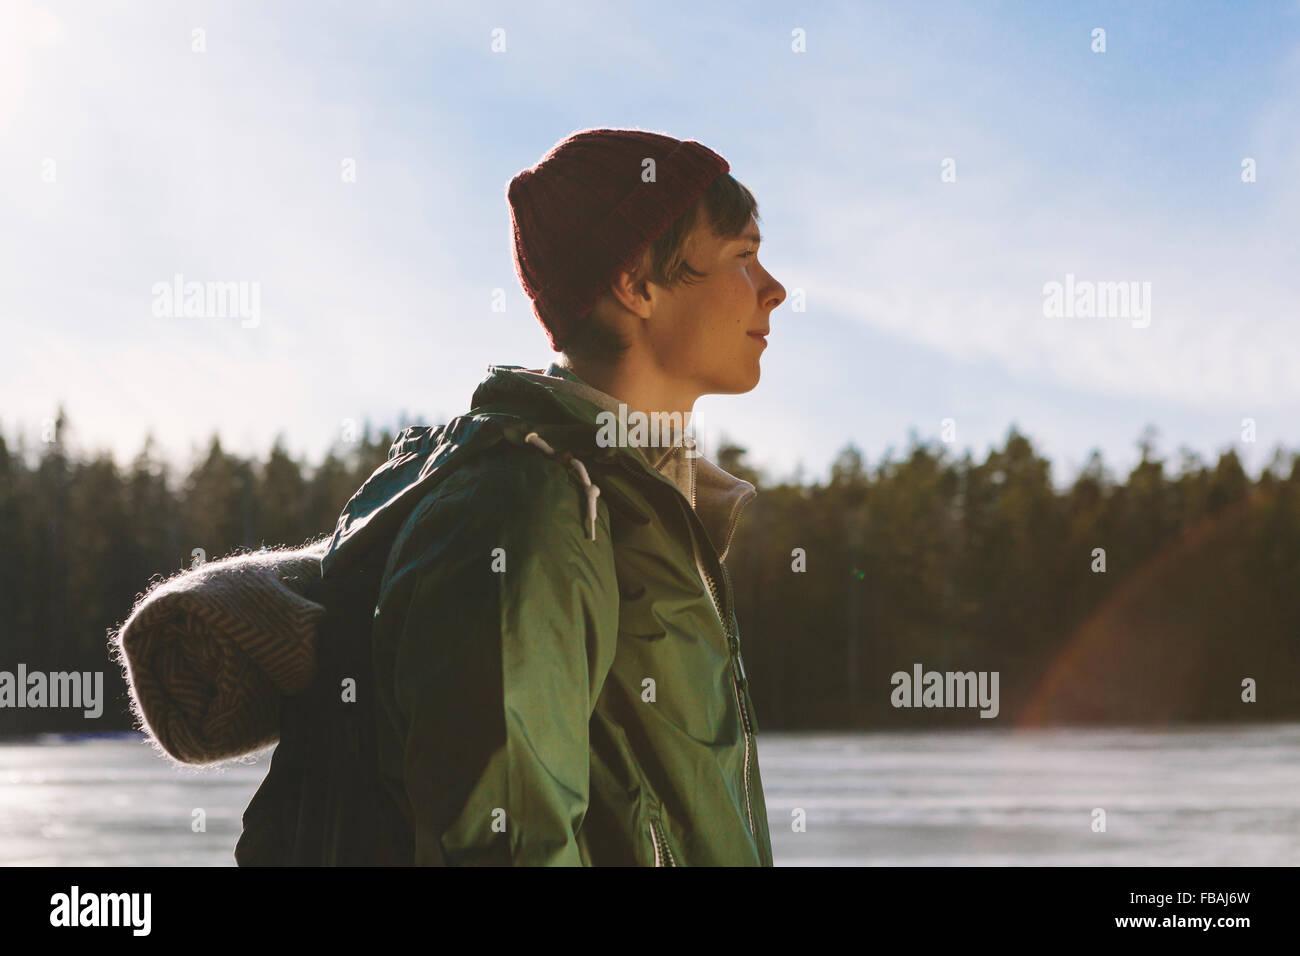 Finnland, ESO, Kvarntrask, Porträt des jungen Mannes am Ufer des Waldsee Stockbild